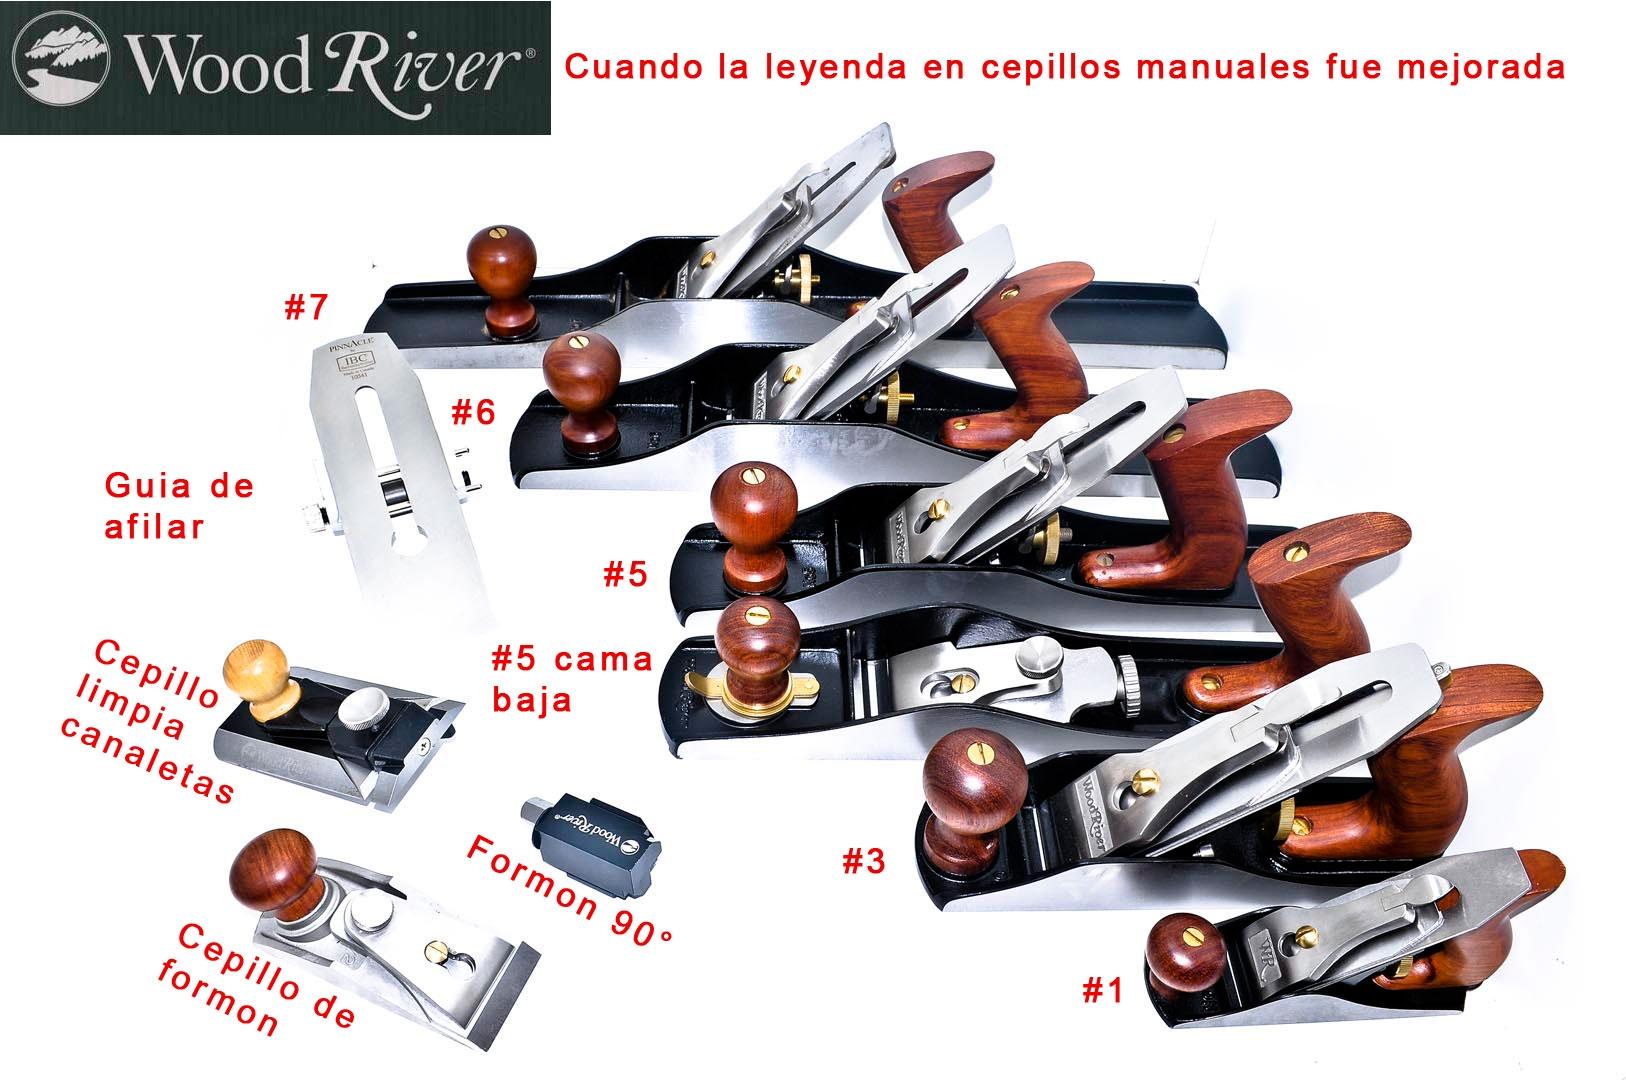 159005-Cepillo 1 bailey mini manual WoodRiver 159005-max-5.